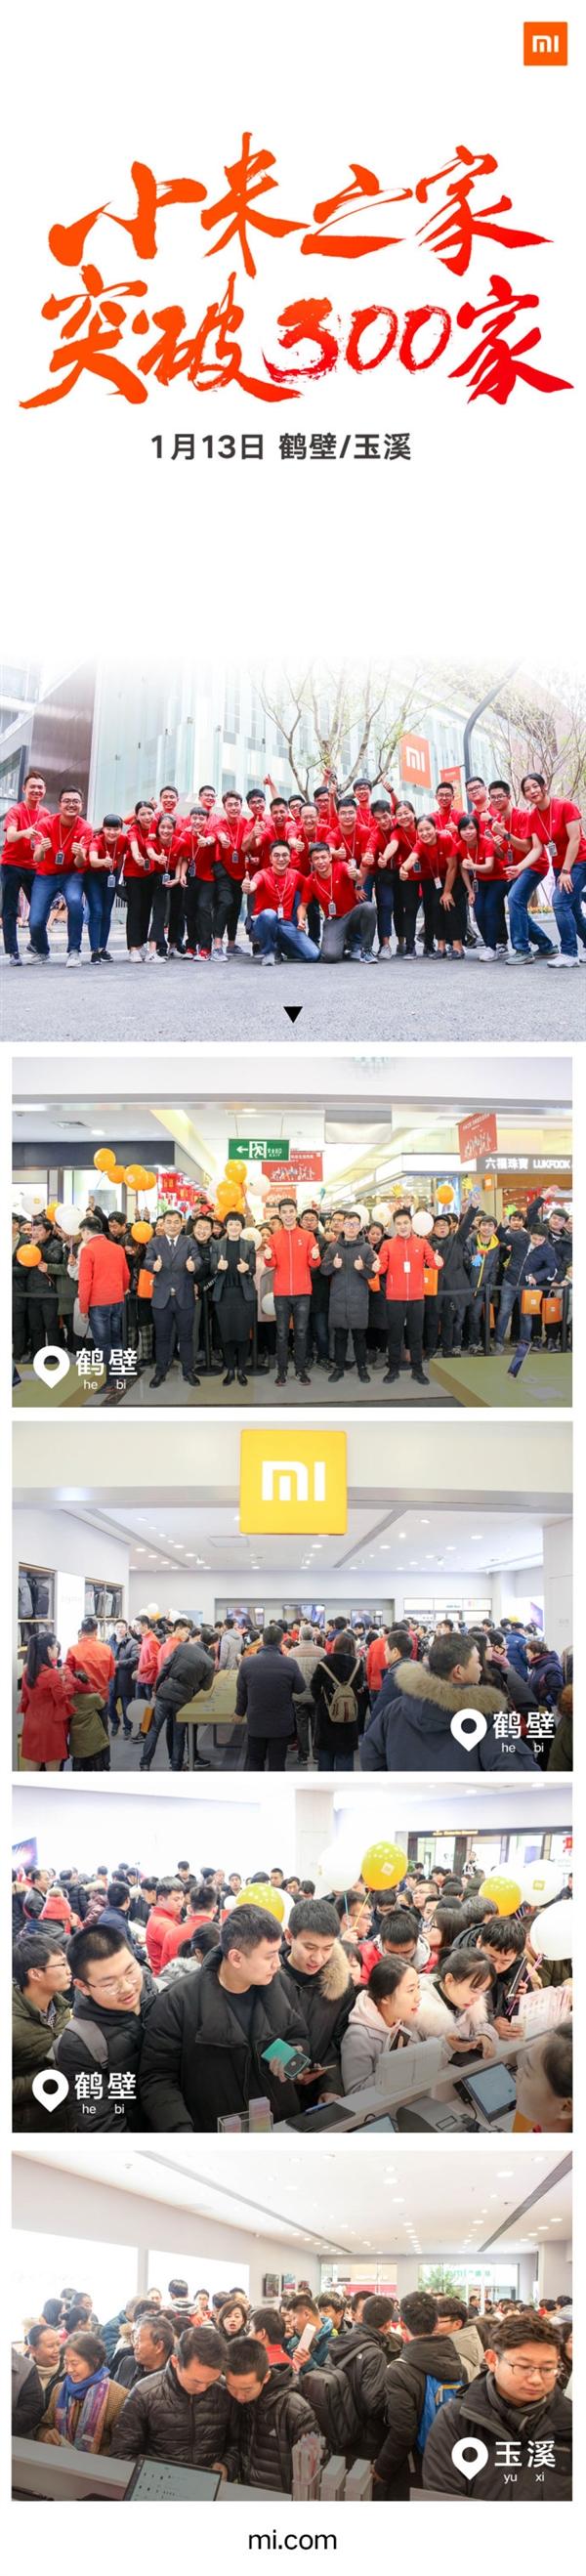 小米之家鹤壁市店开业:正式突破300家